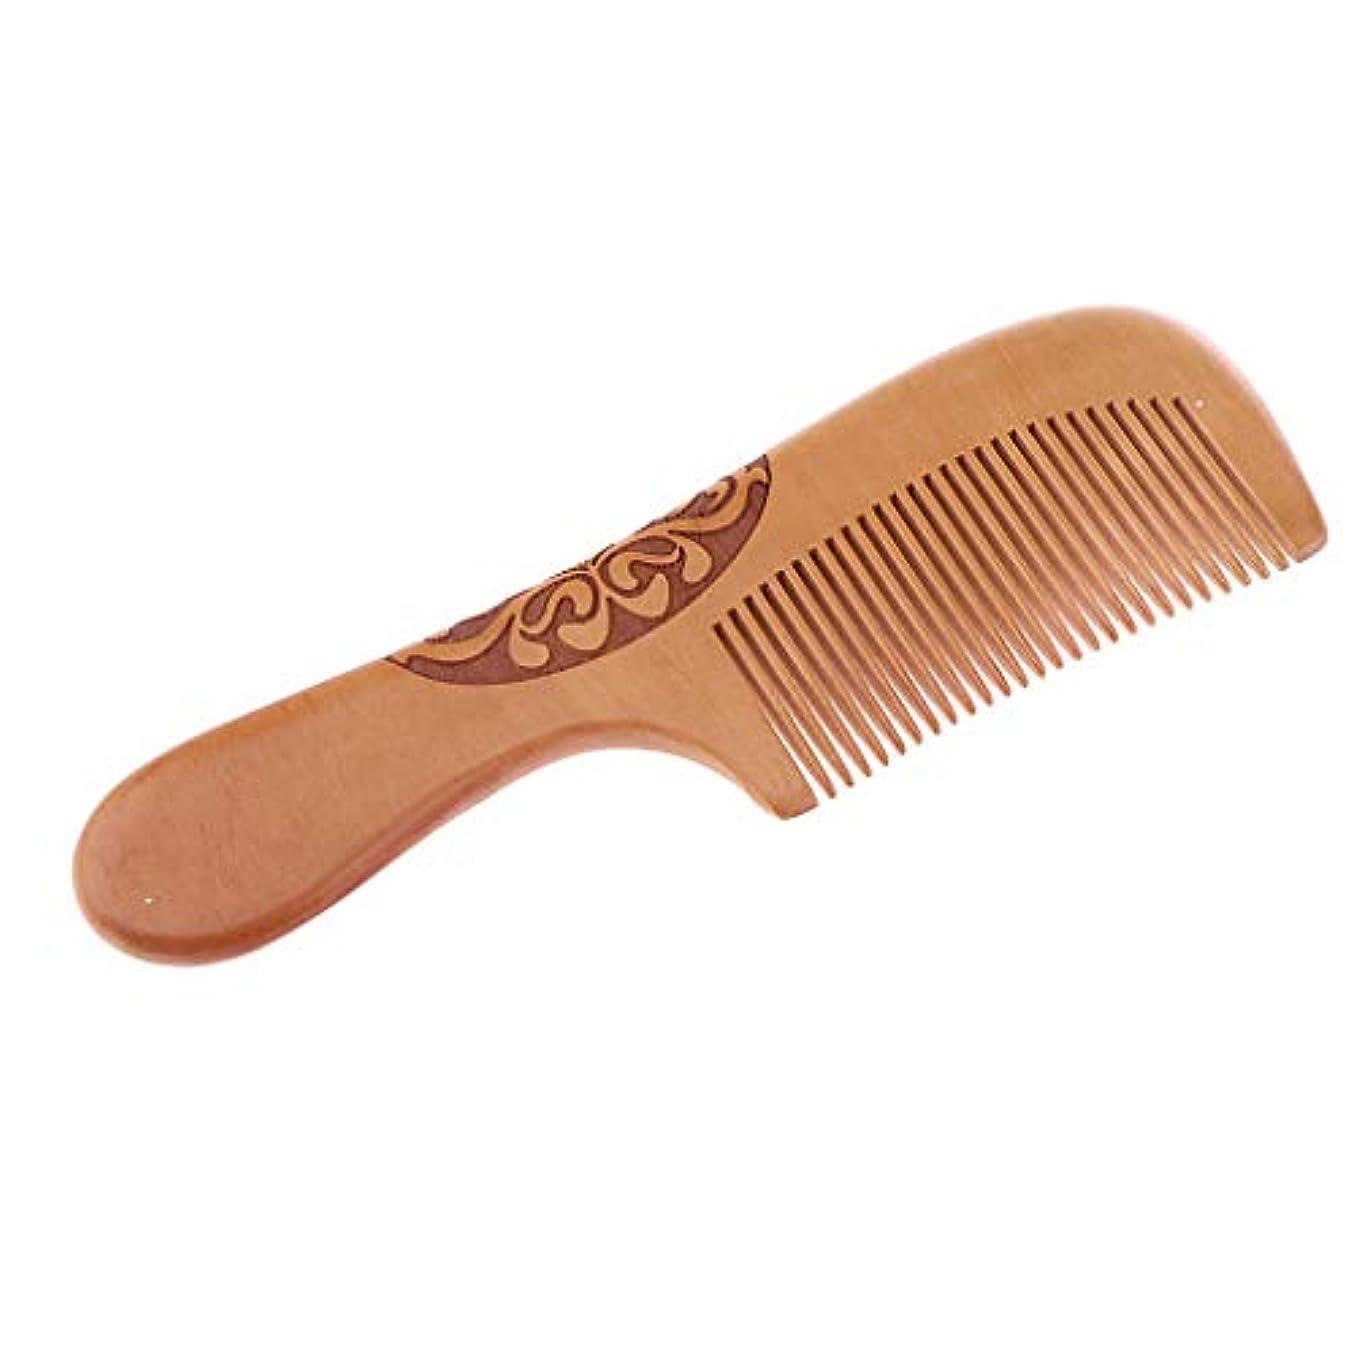 ナース運河リーヘアコーム 広い歯 櫛 木製 美髪ケア 頭皮マッサージ 4タイプ選べ - H